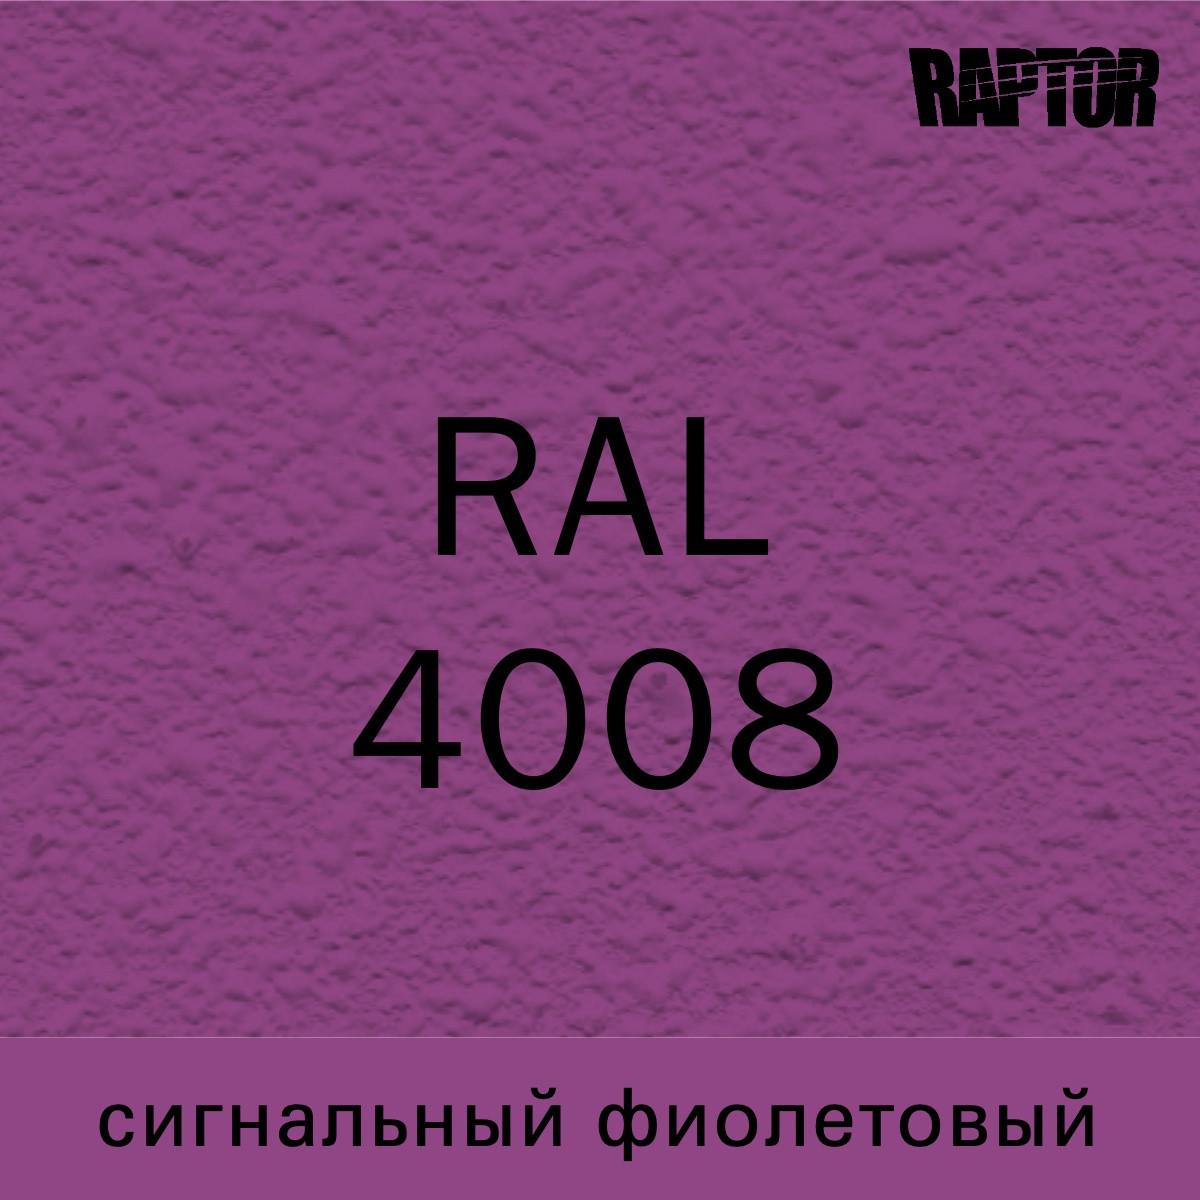 Пигмент для колеровки покрытия RAPTOR™ Сигнальный фиолетовый (RAL 4008)